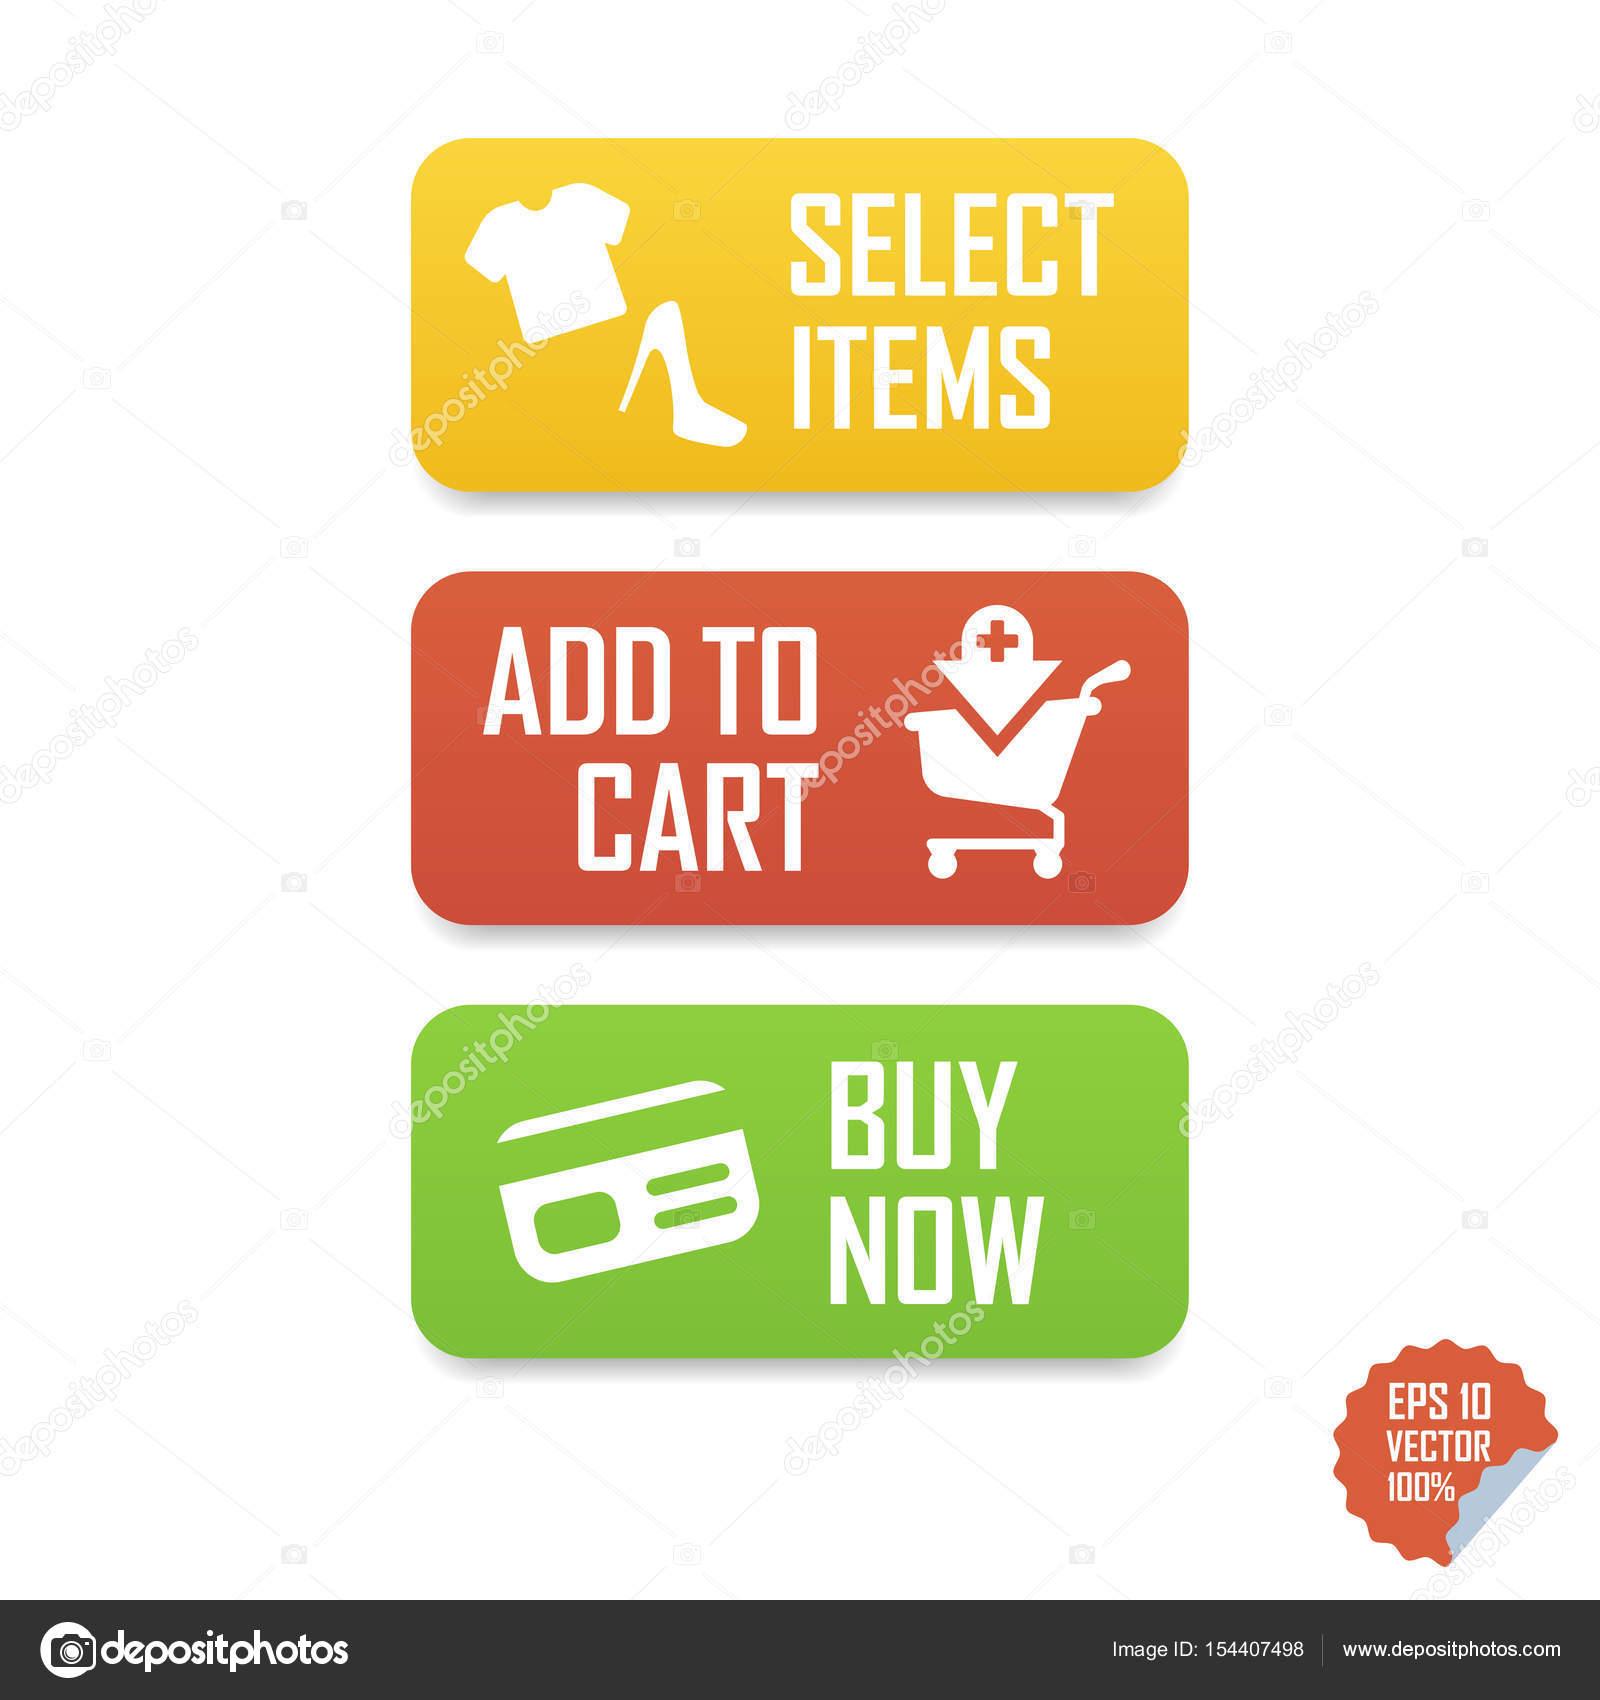 0f10d92f4 Add to cart